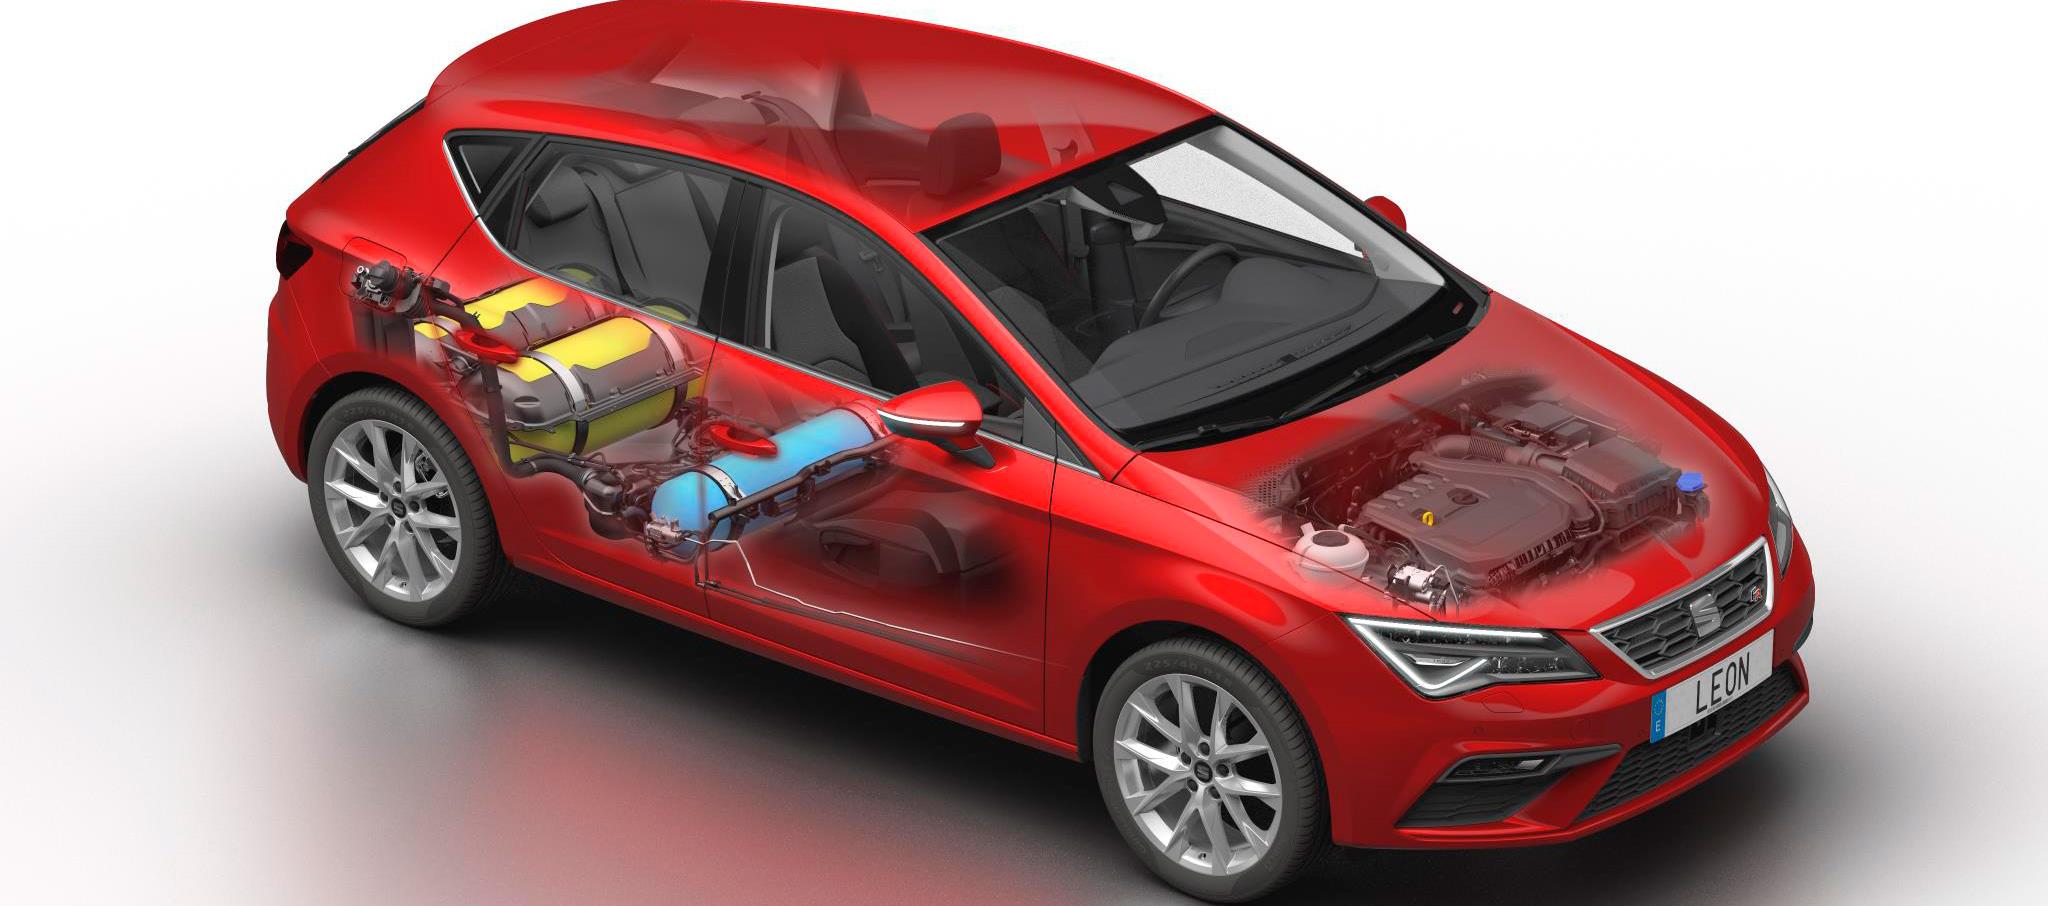 Seat León TGI ya disponible en el mercado español